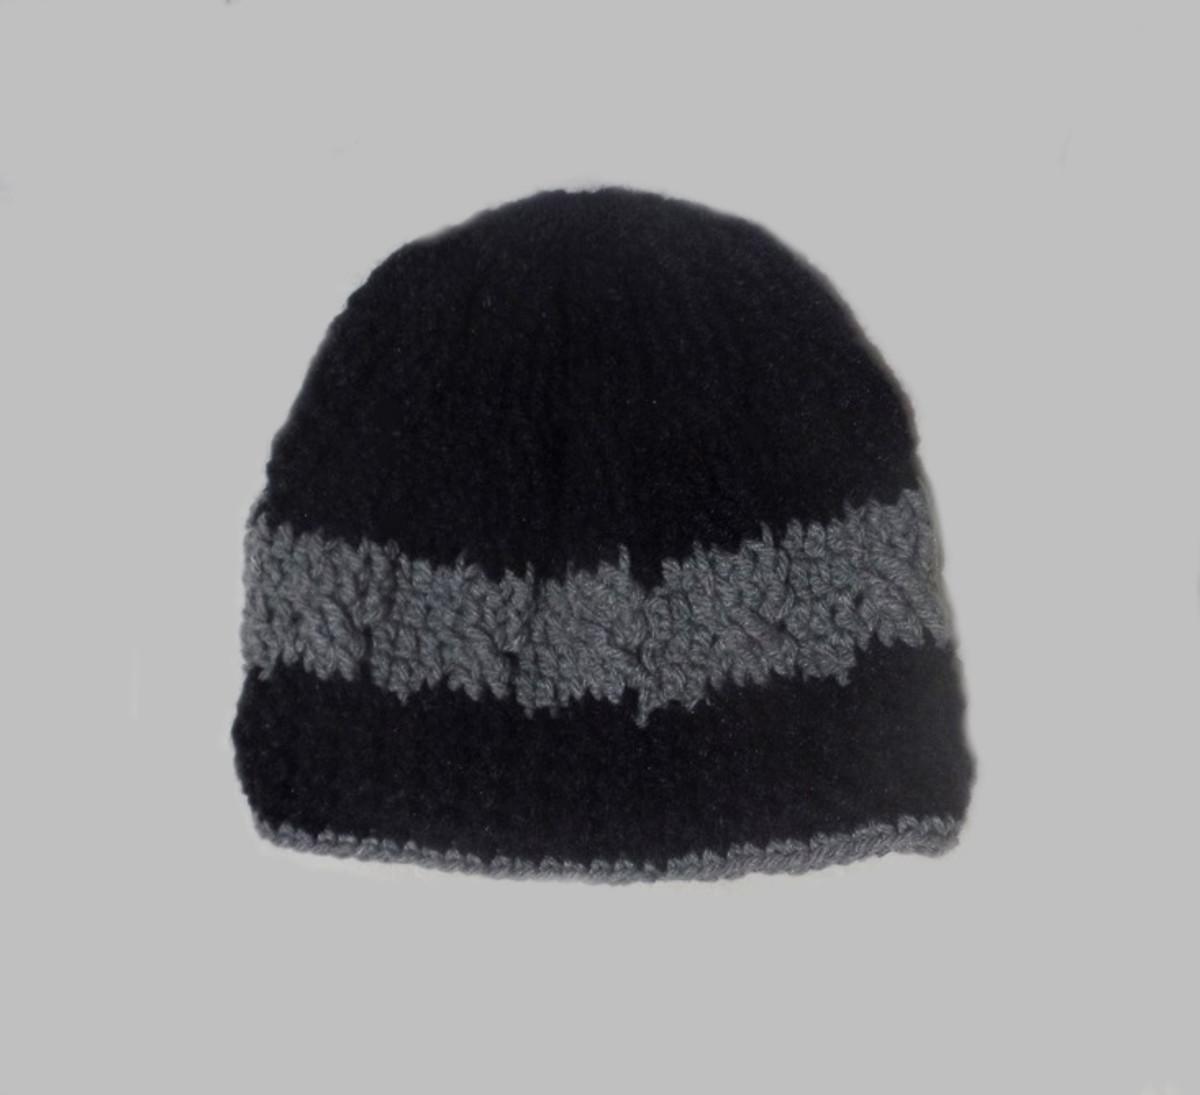 Gorro masculino-crochê feito c  lã-Promoção-Pronta entrega! no Elo7 ... 2aaa42376ff